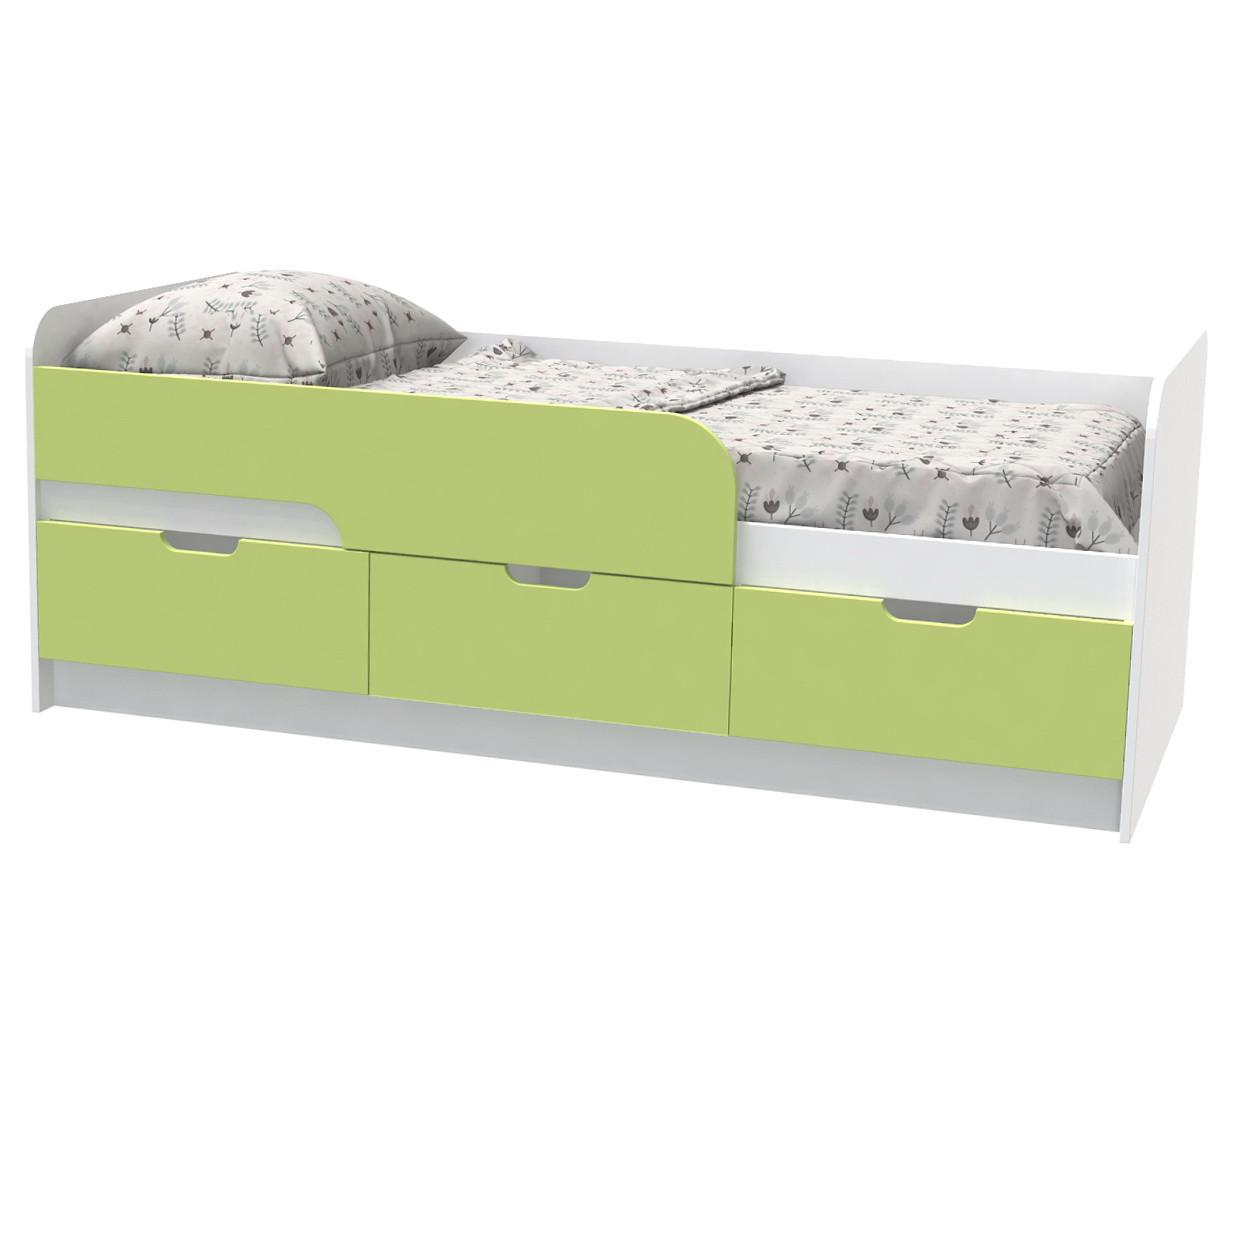 """Кровать детская """"Binky"""" 80х190 см. Аляска/Лайм, КЕС10А"""